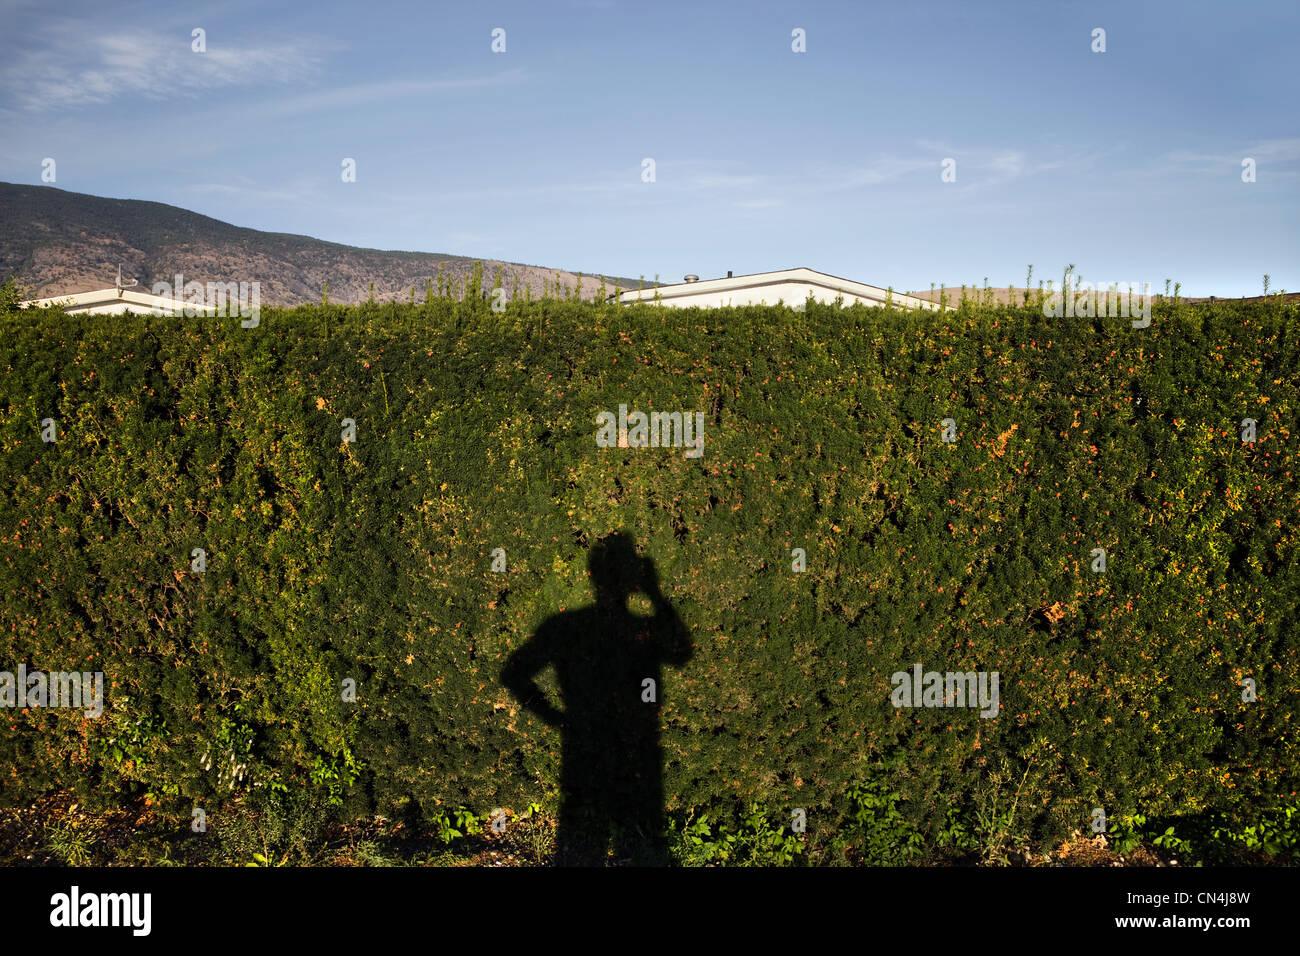 Schatten des Mannes mit Handy auf Hecke Stockbild